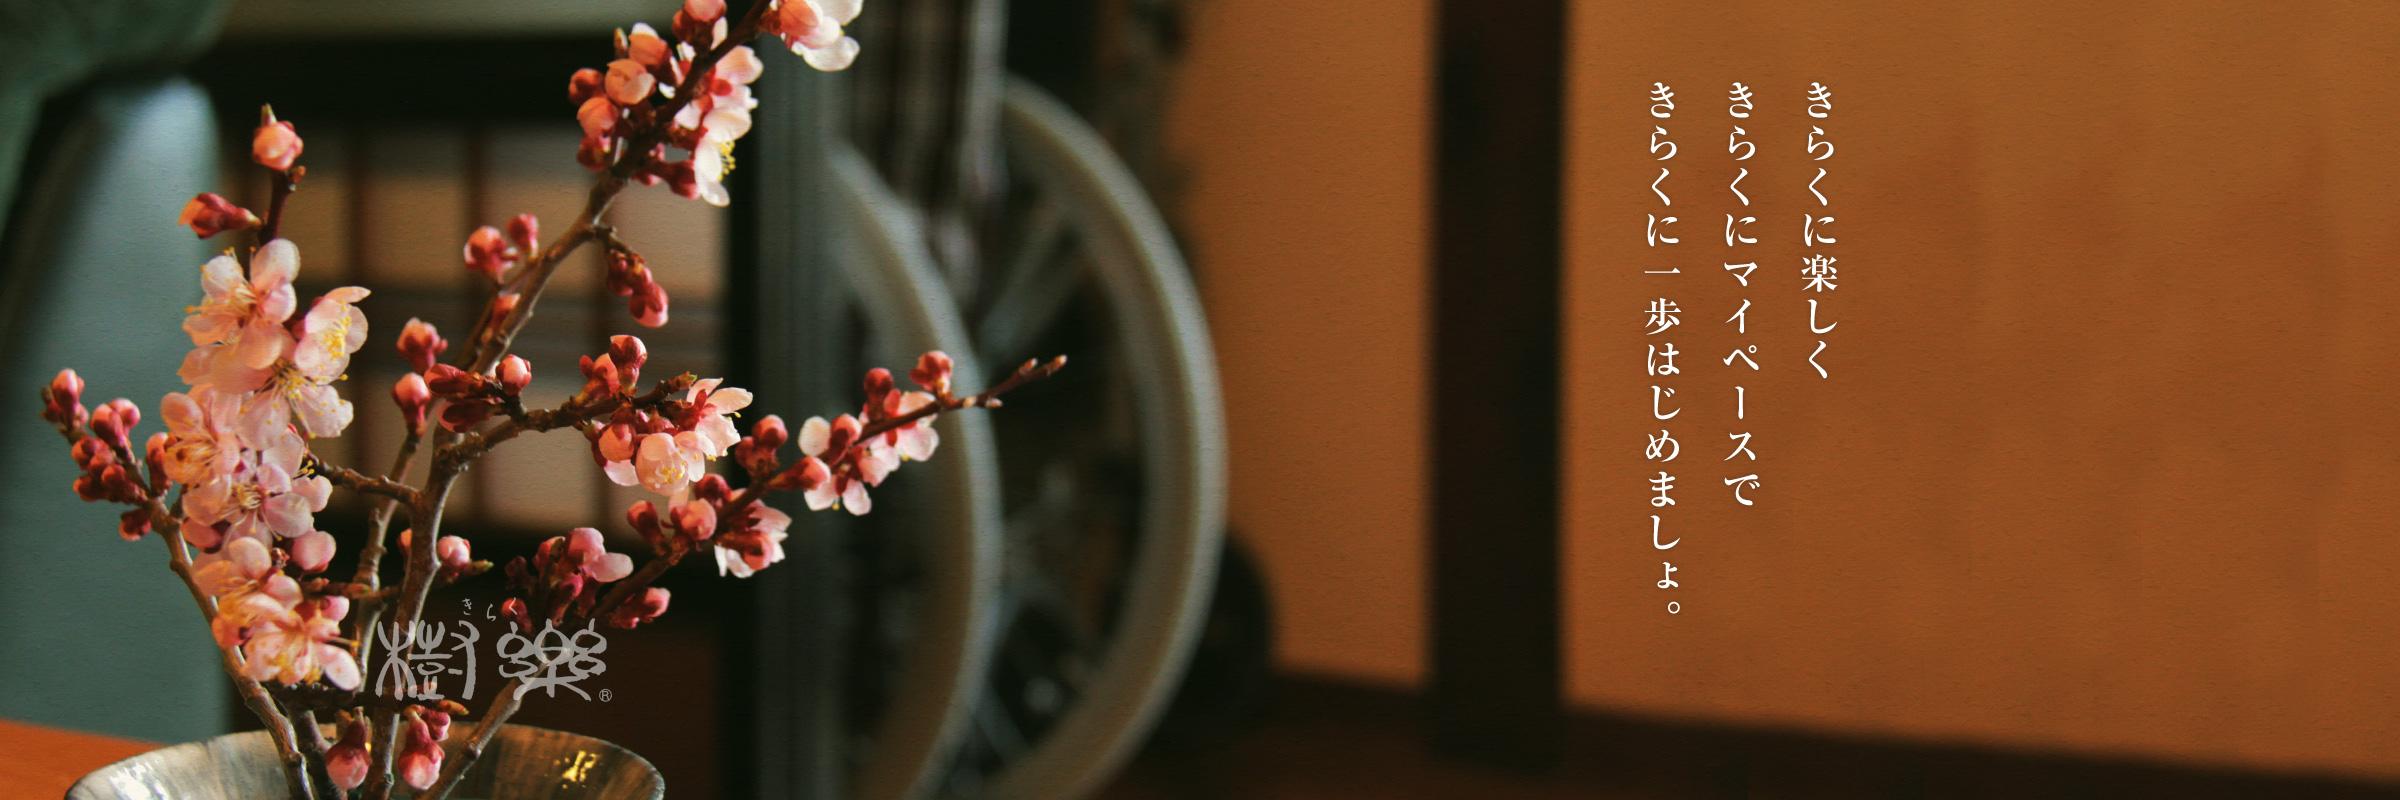 弘前市の介護のご相談ならデイサービス 樹楽おいの杜(きらくおいのもり)